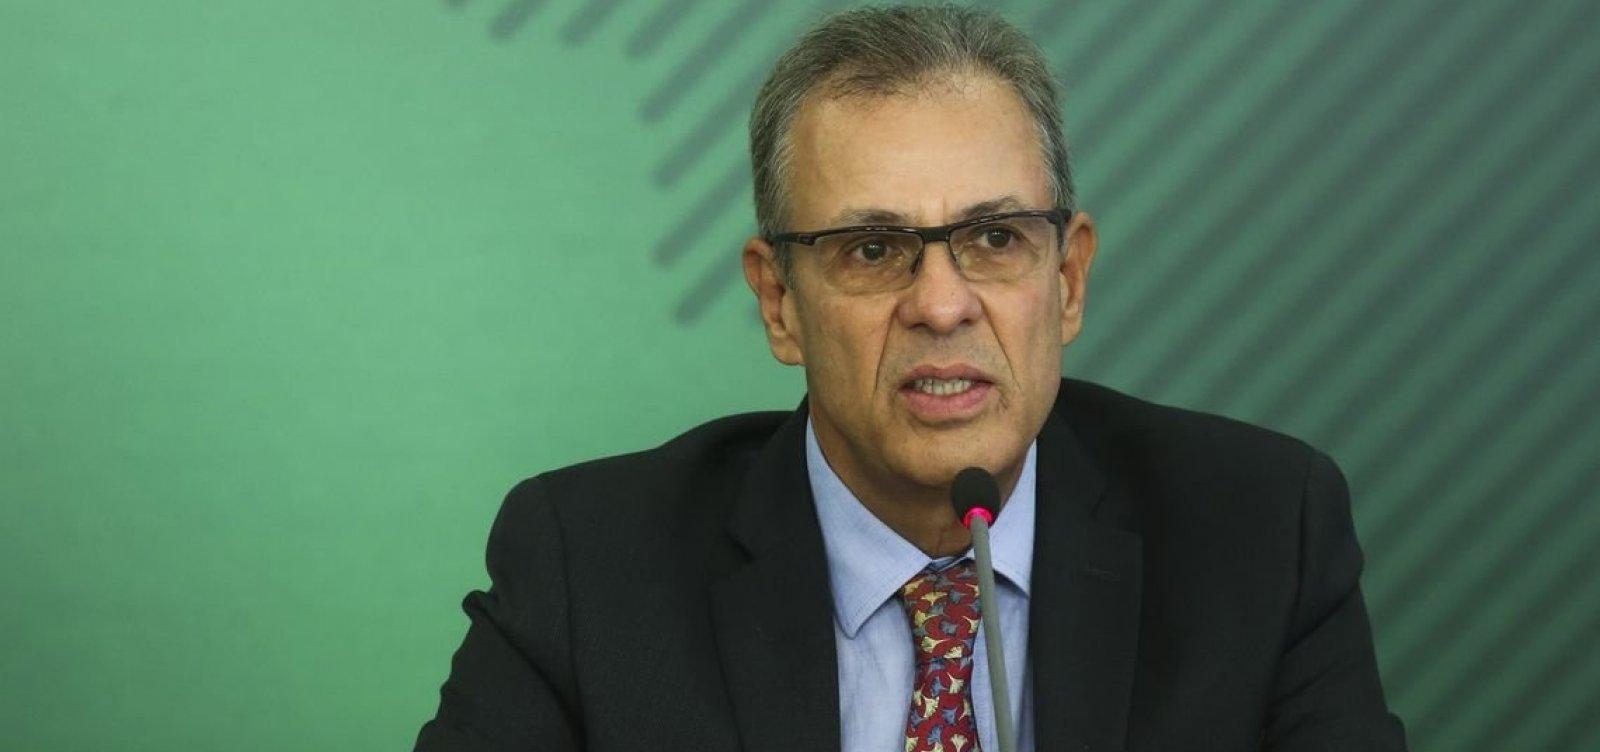 Projeto de privatização da Eletrobrás está pronto para ser enviado ao Congresso, diz ministro